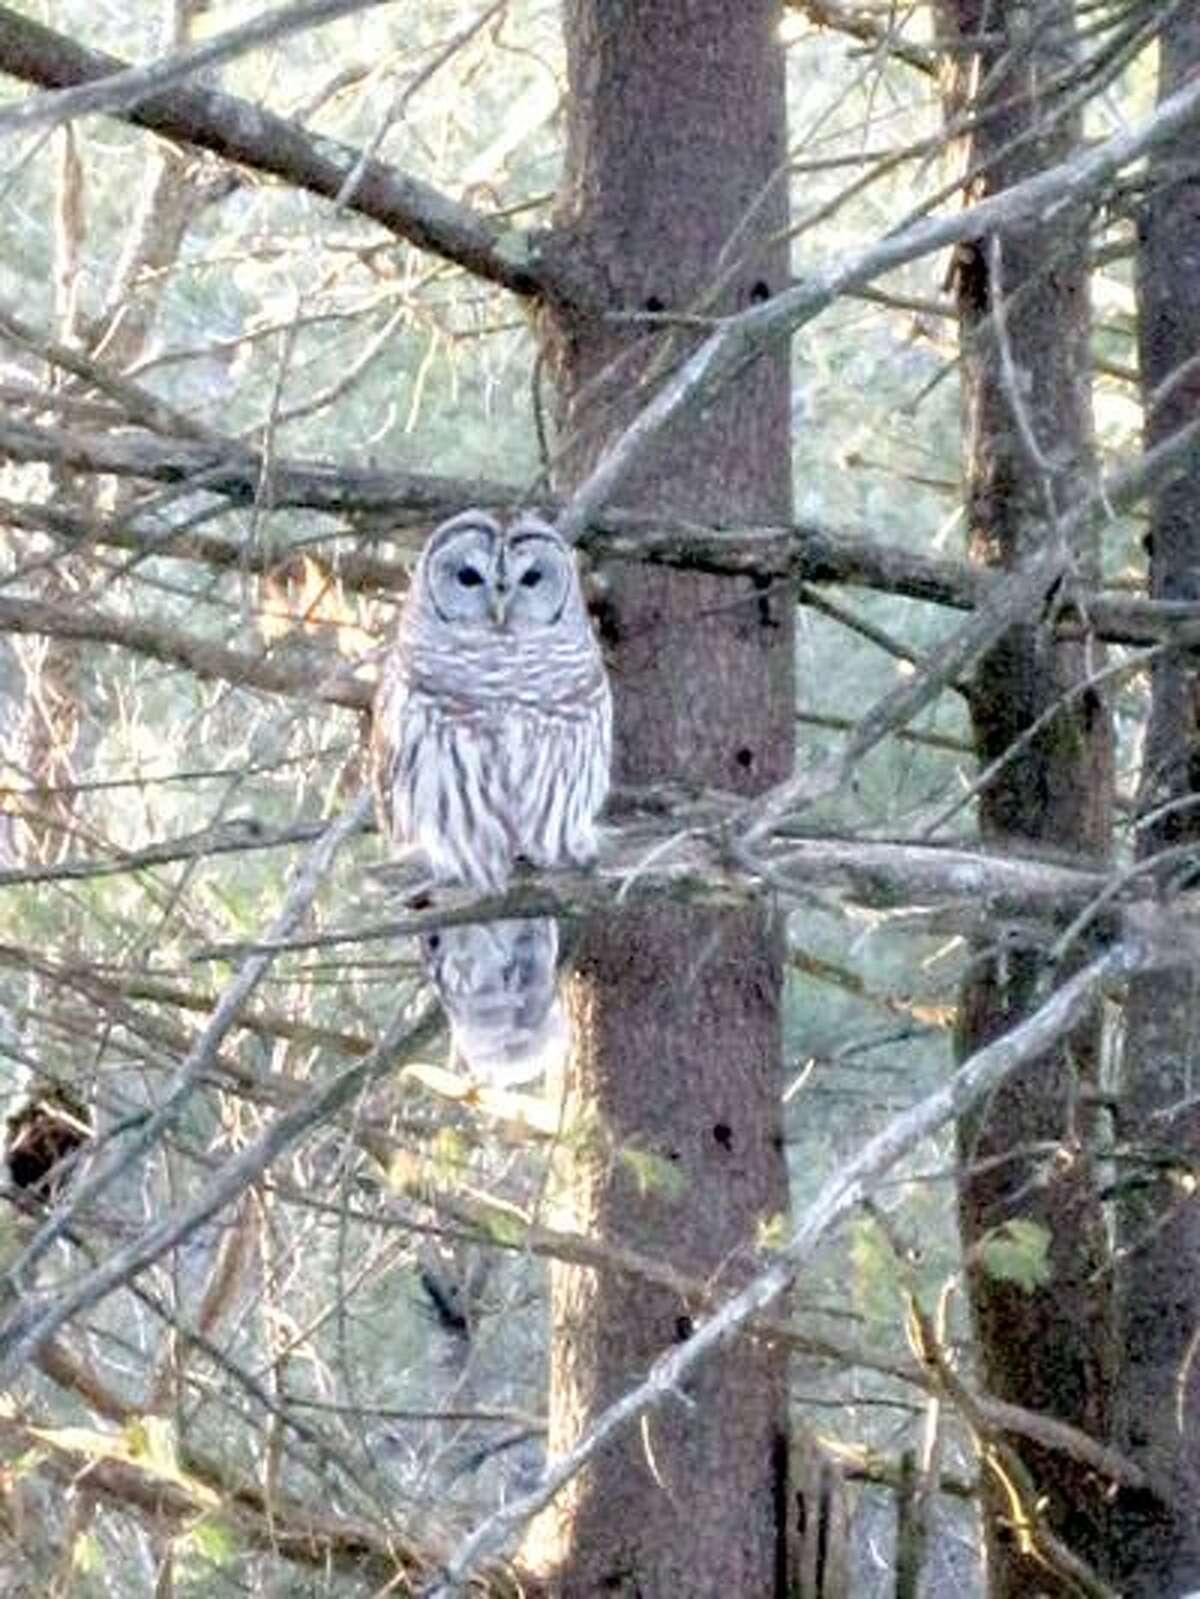 Hank Kudlinski photo: Barred owl